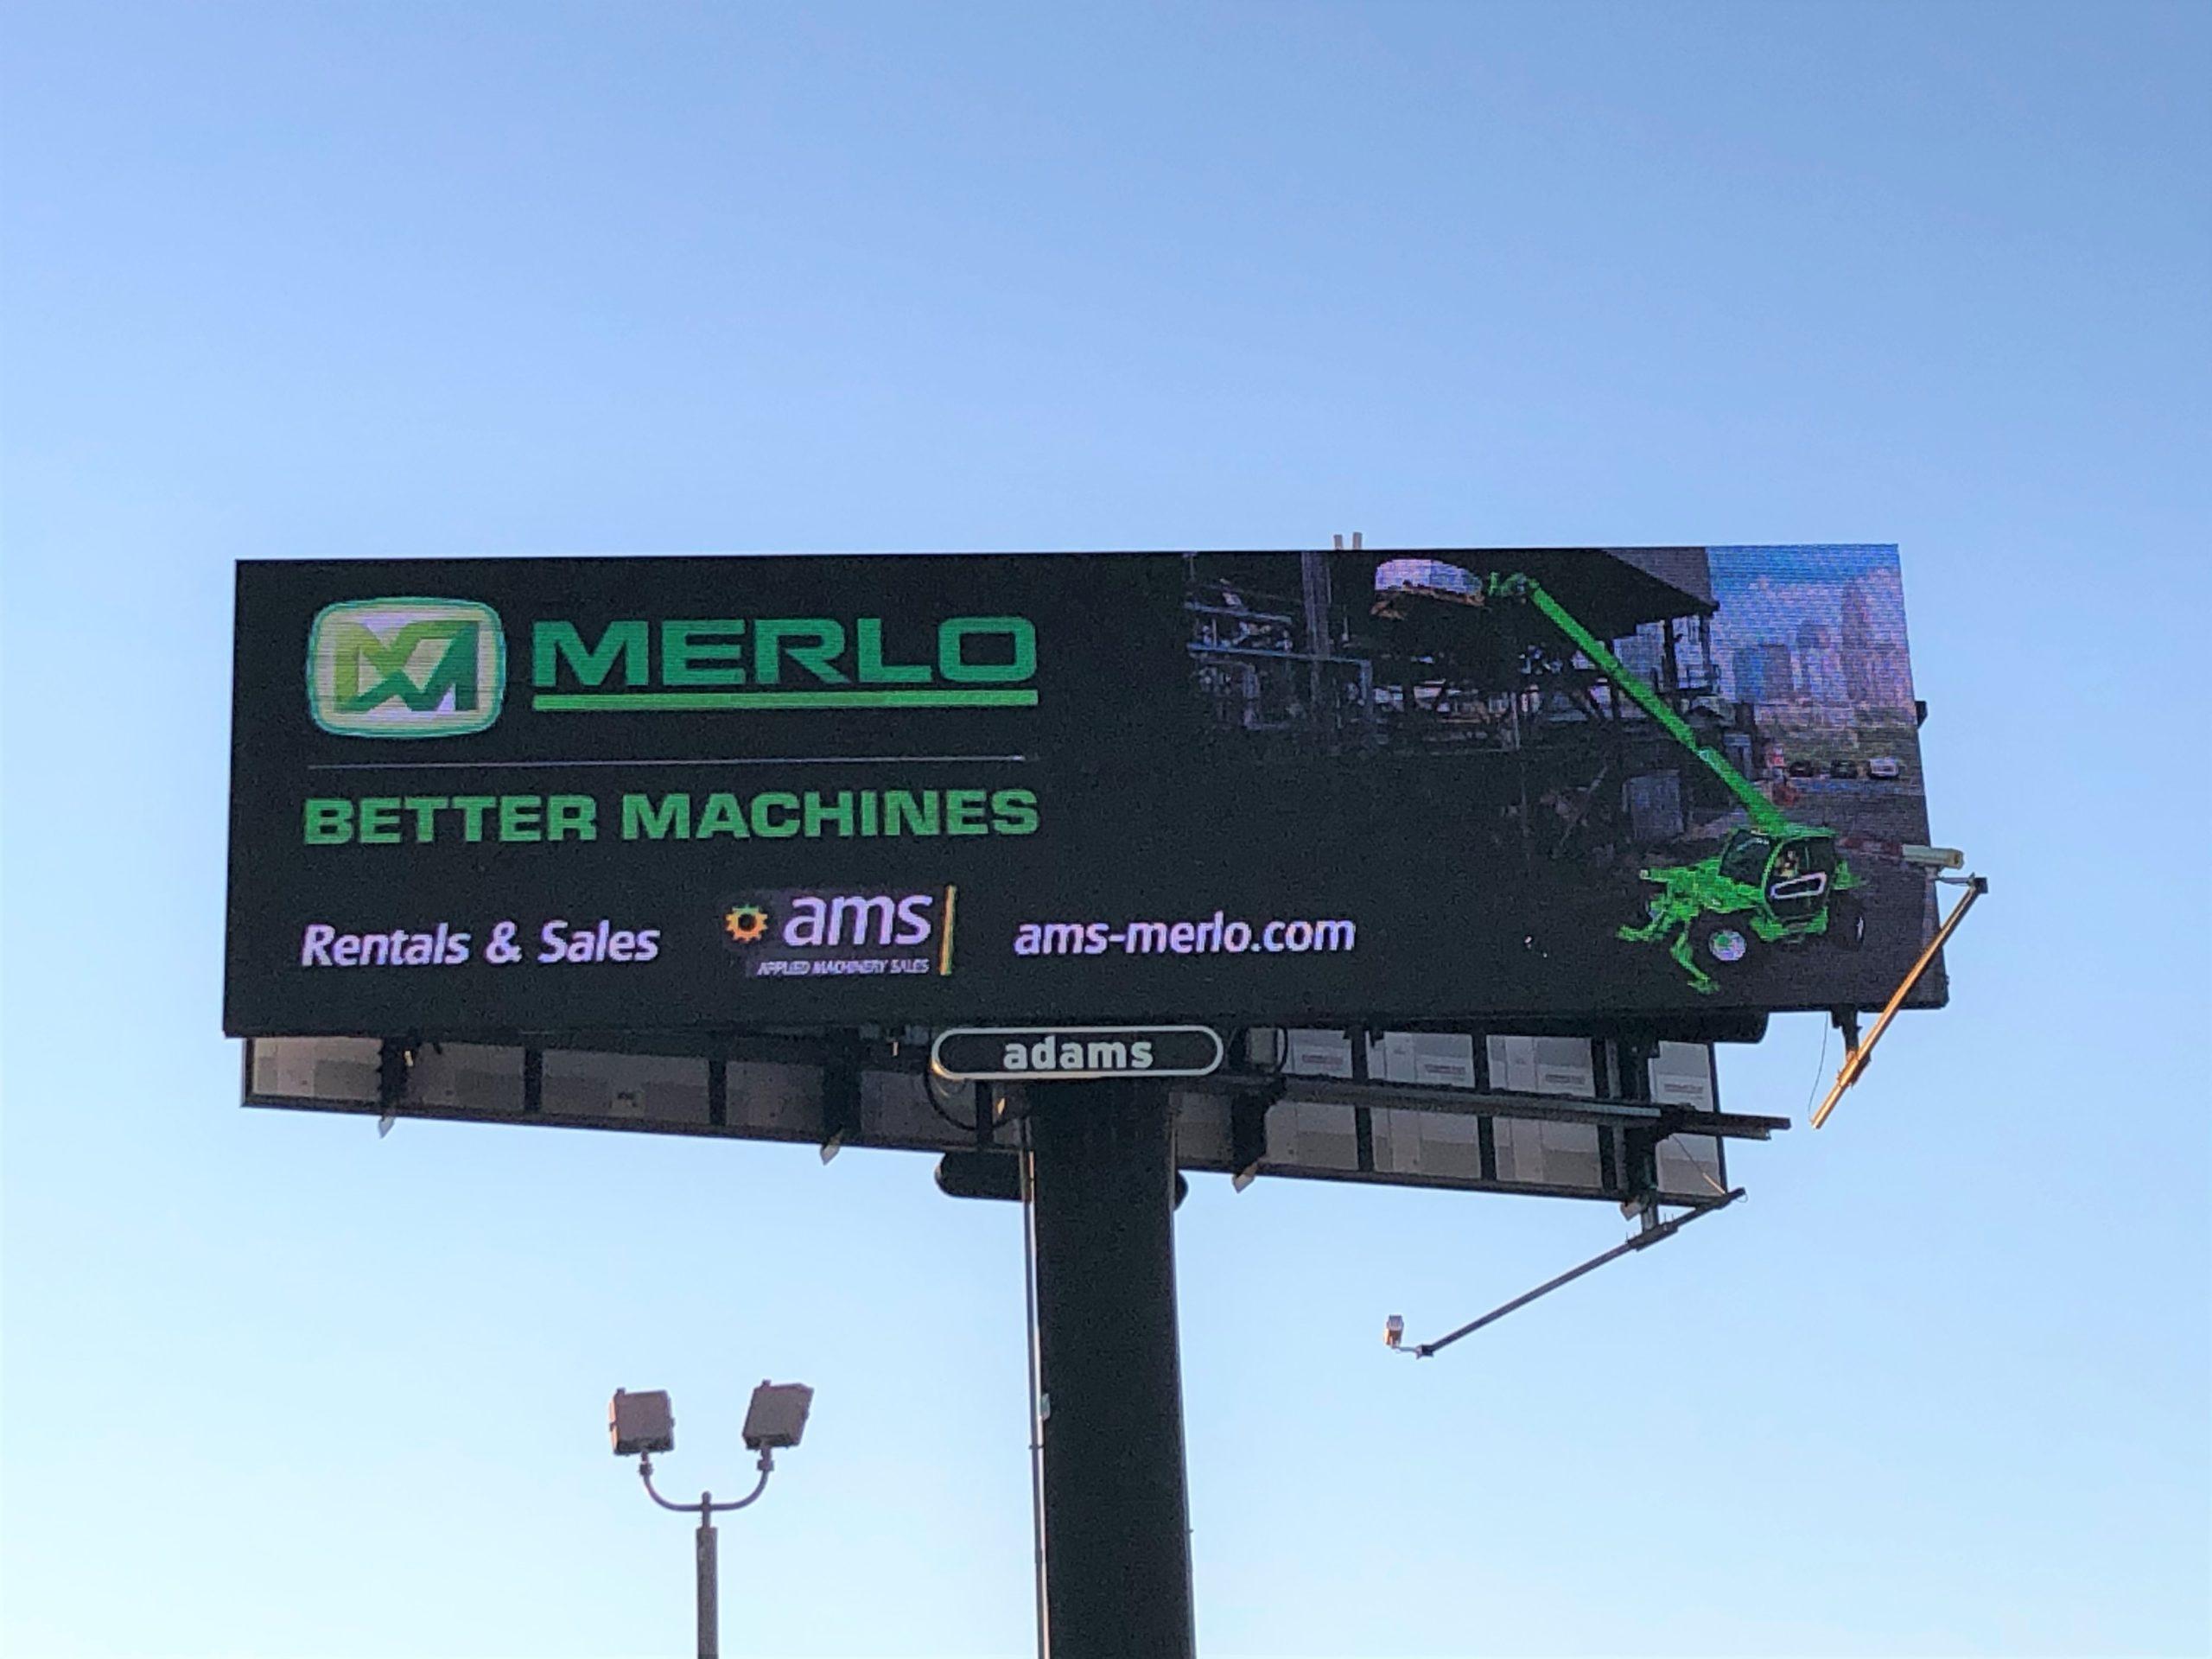 AMS-Merlo Rent Billboard